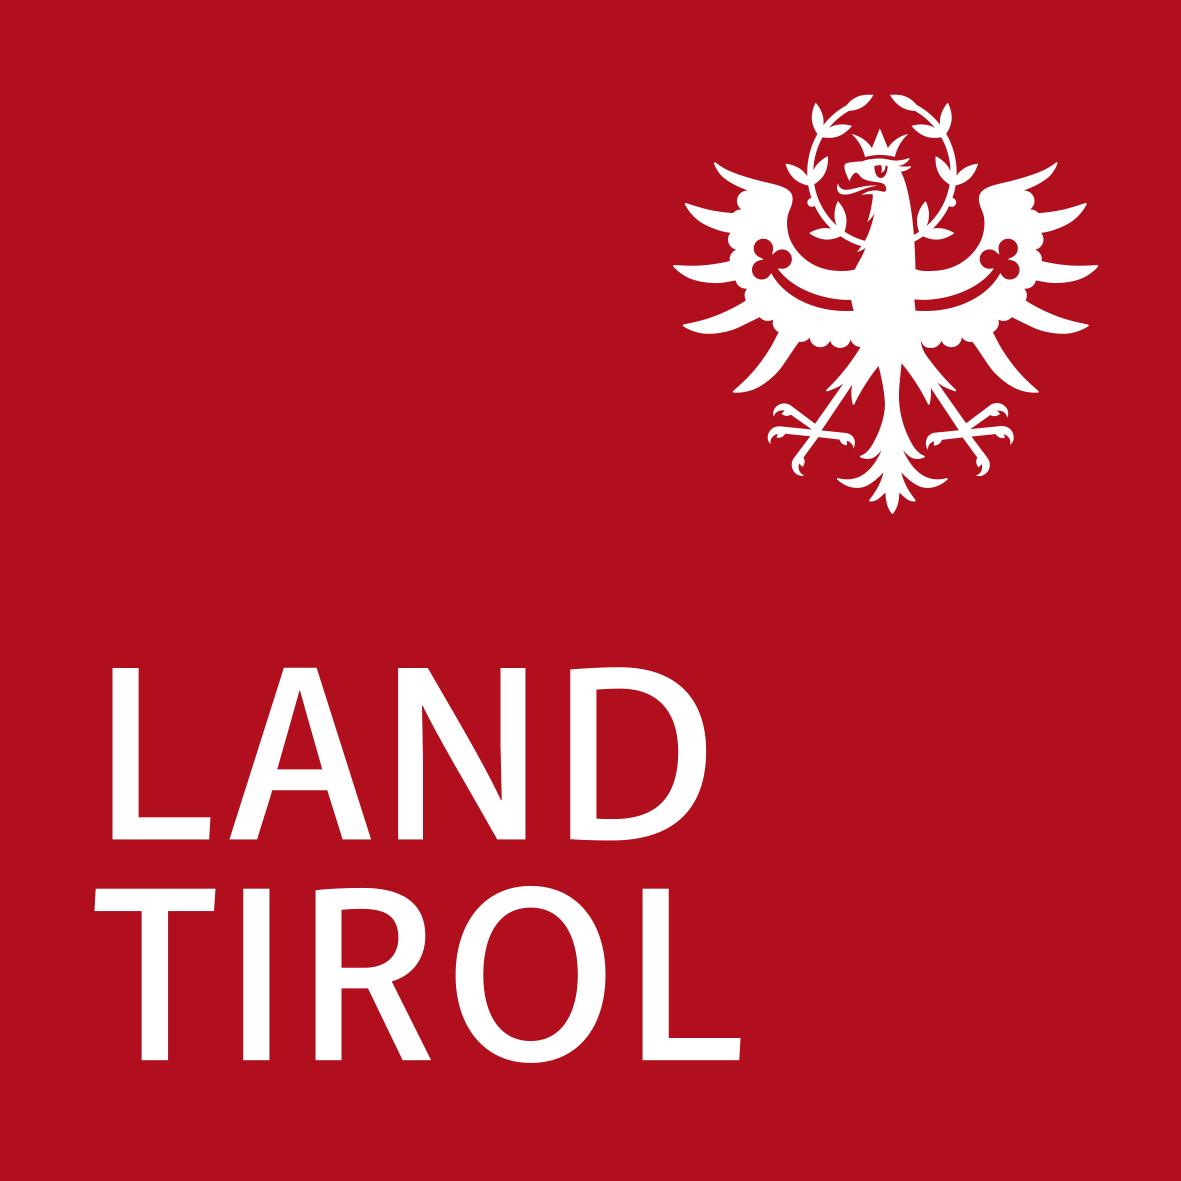 Logo des Landes Tirol mit dem Landeswappen und Text Tirol unser Land